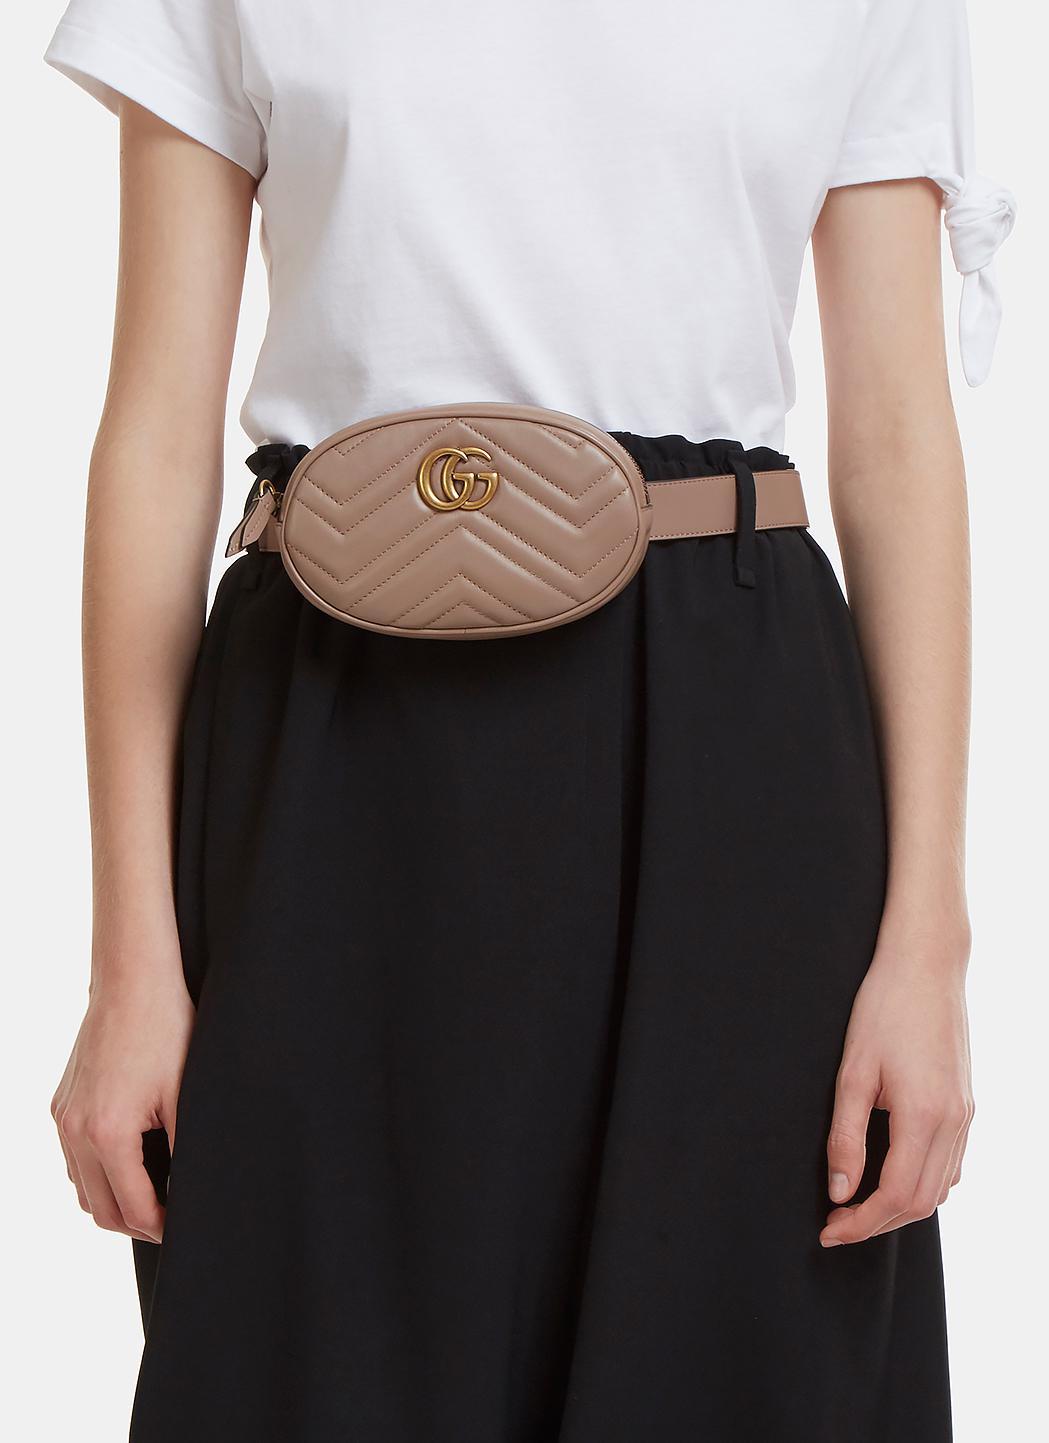 5210c776700 Lyst - Gucci Gg Mini Belt Bag In Brown in Brown